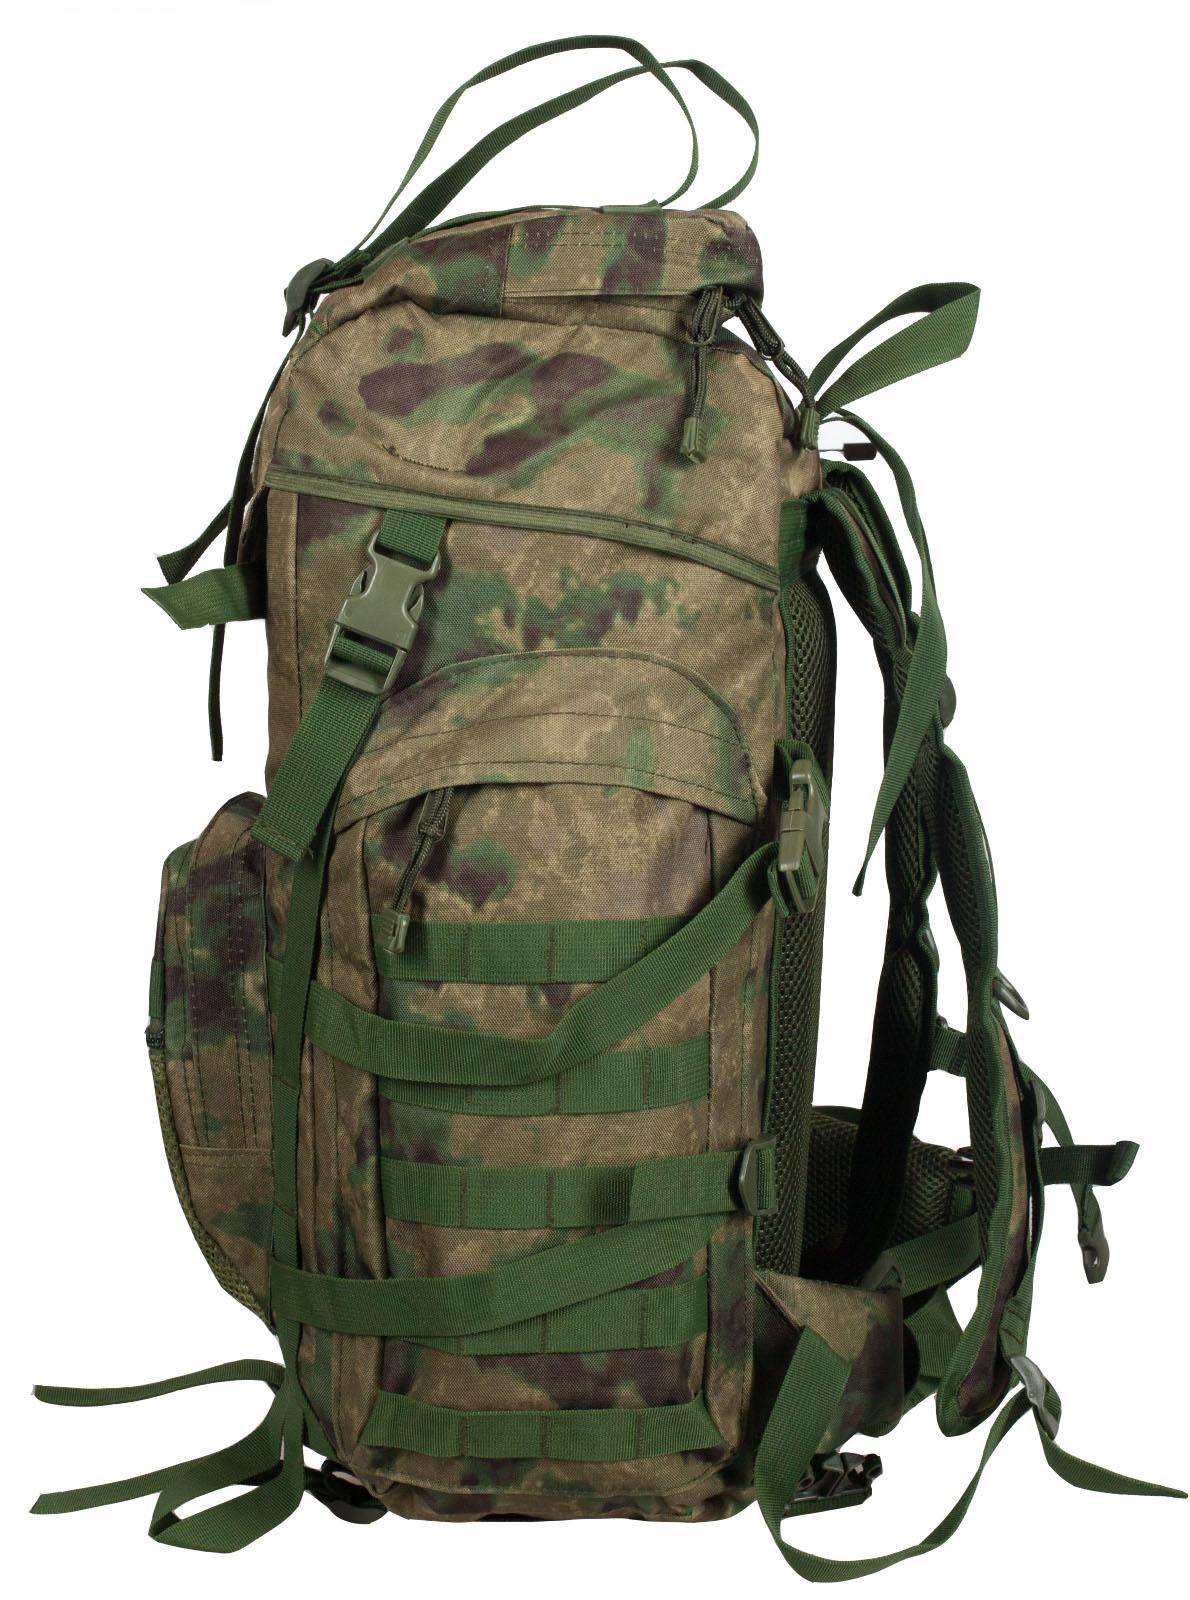 Большой туристический рюкзак с нашивкой для охотников купить в подарок